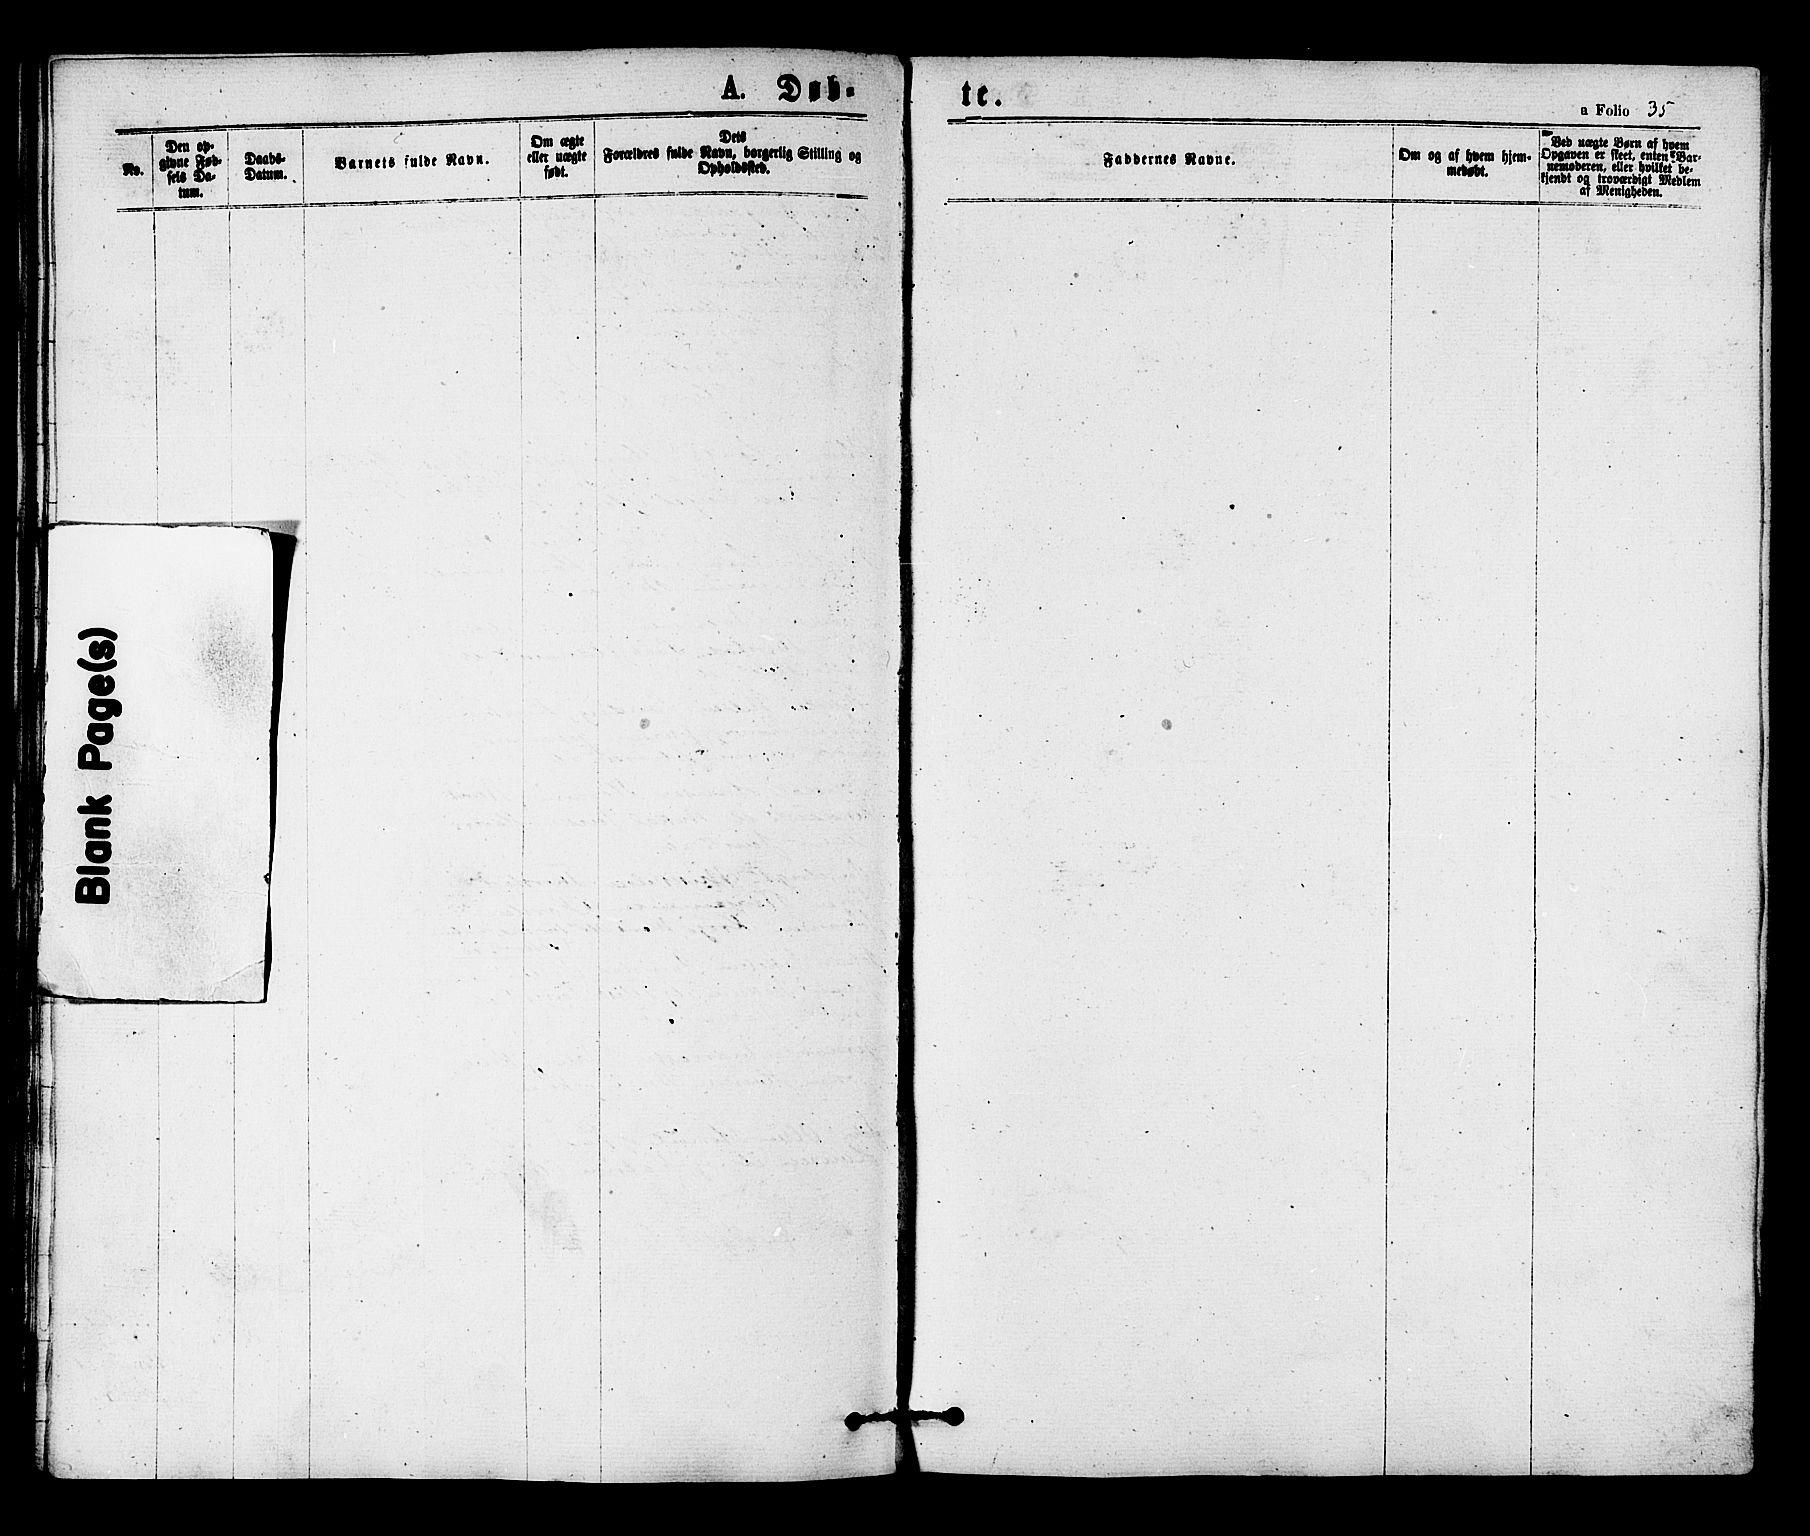 SAT, Ministerialprotokoller, klokkerbøker og fødselsregistre - Nord-Trøndelag, 784/L0671: Ministerialbok nr. 784A06, 1876-1879, s. 35